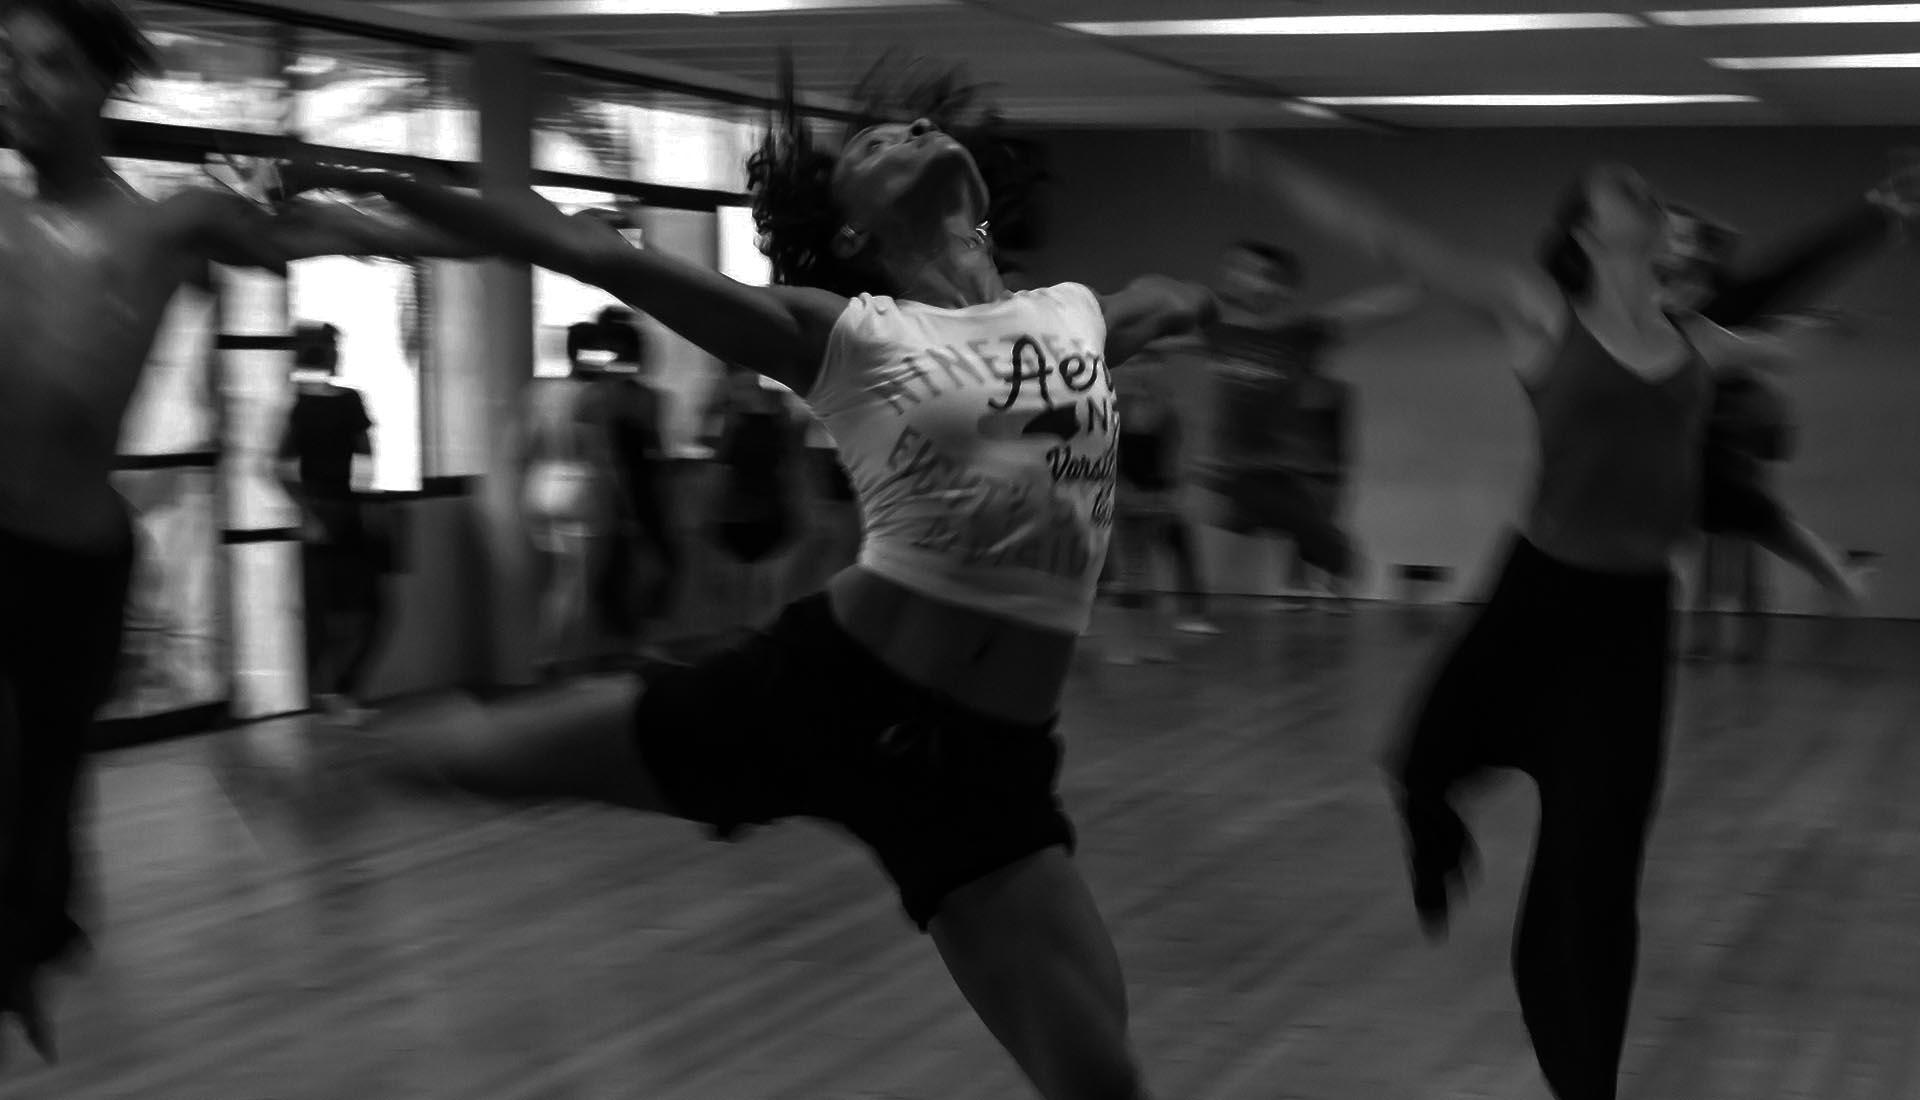 Corsi arti marziali, danza, teatro in palestra a Moimacco - Udine